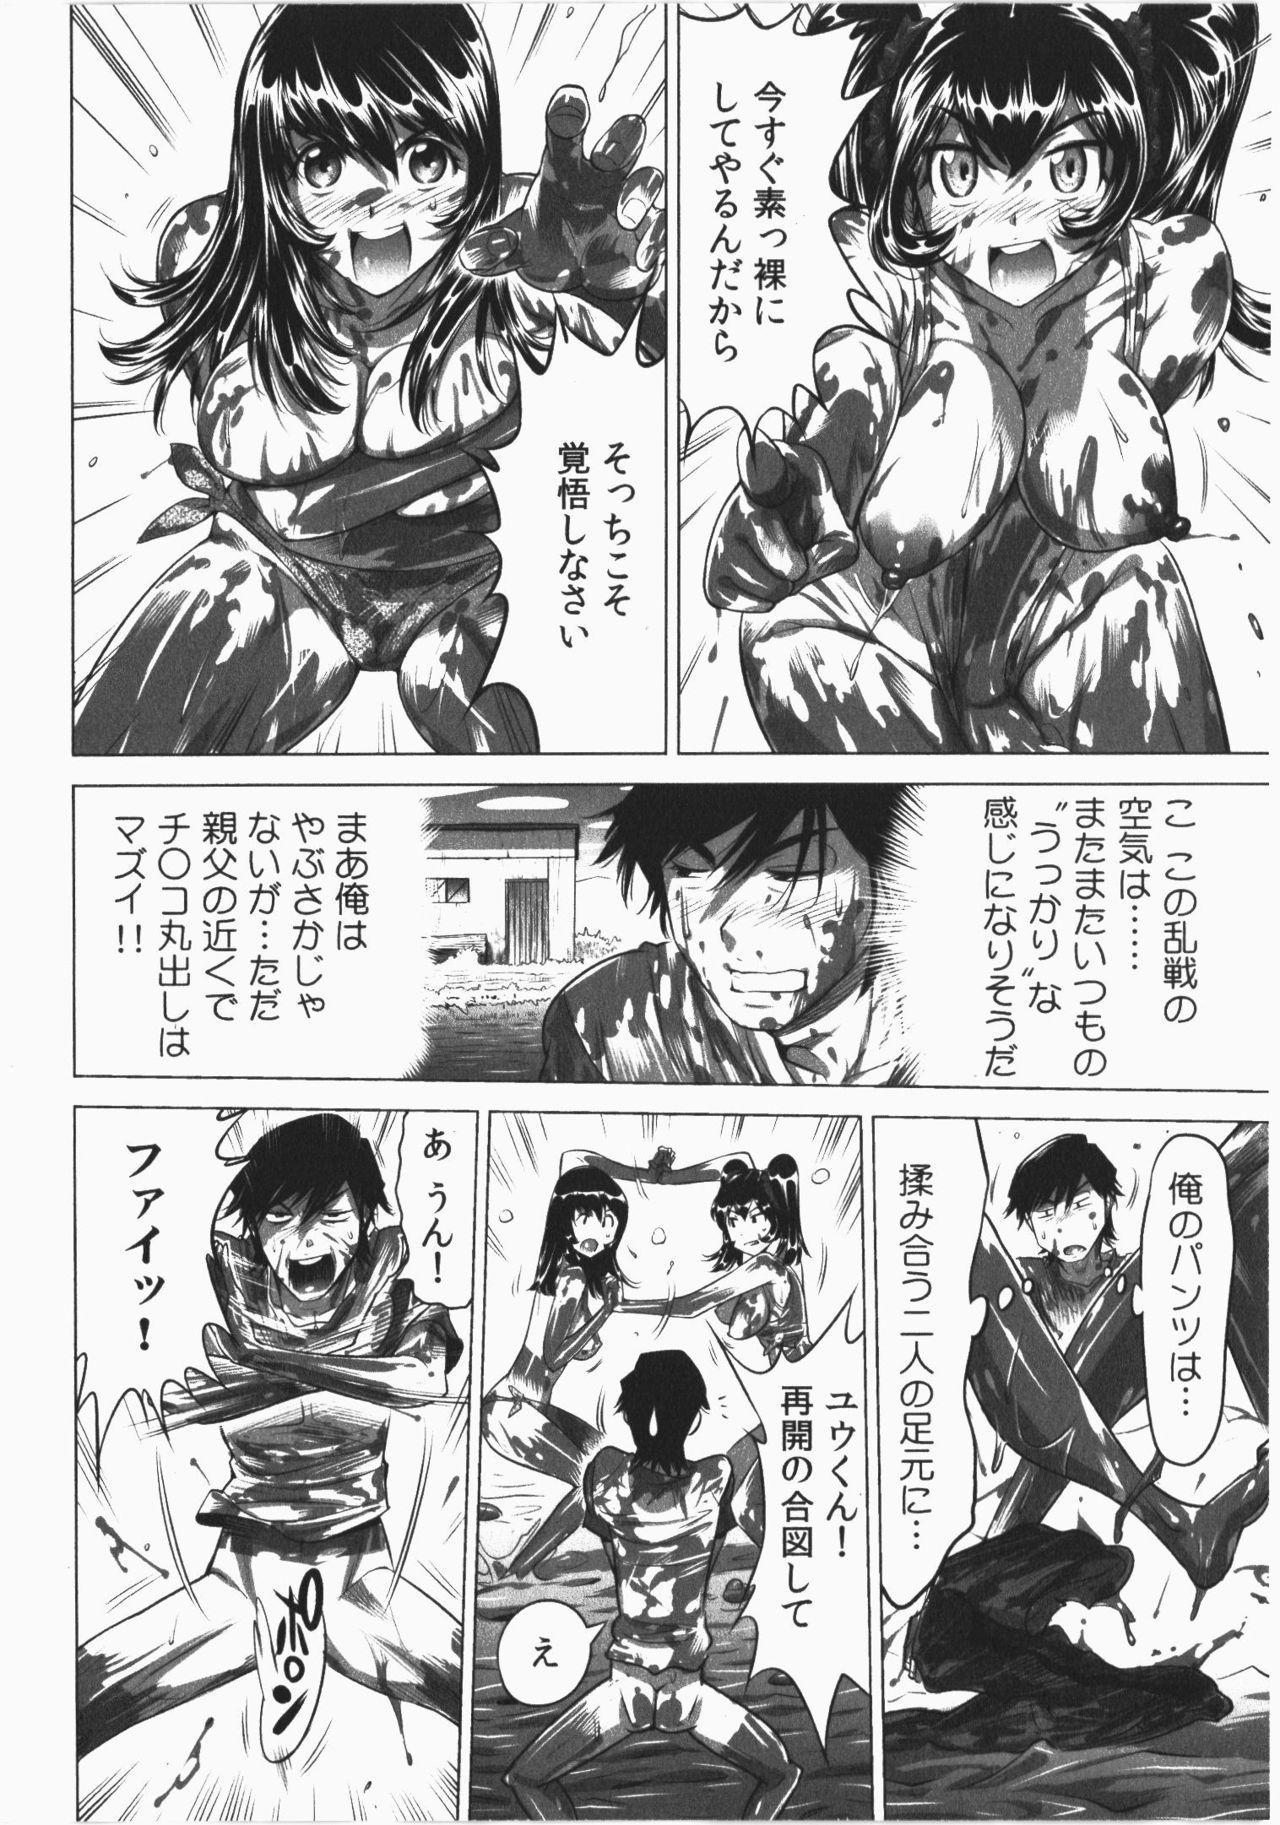 Ukkari Haicchatta! Itoko to Micchaku Game Chuu 167